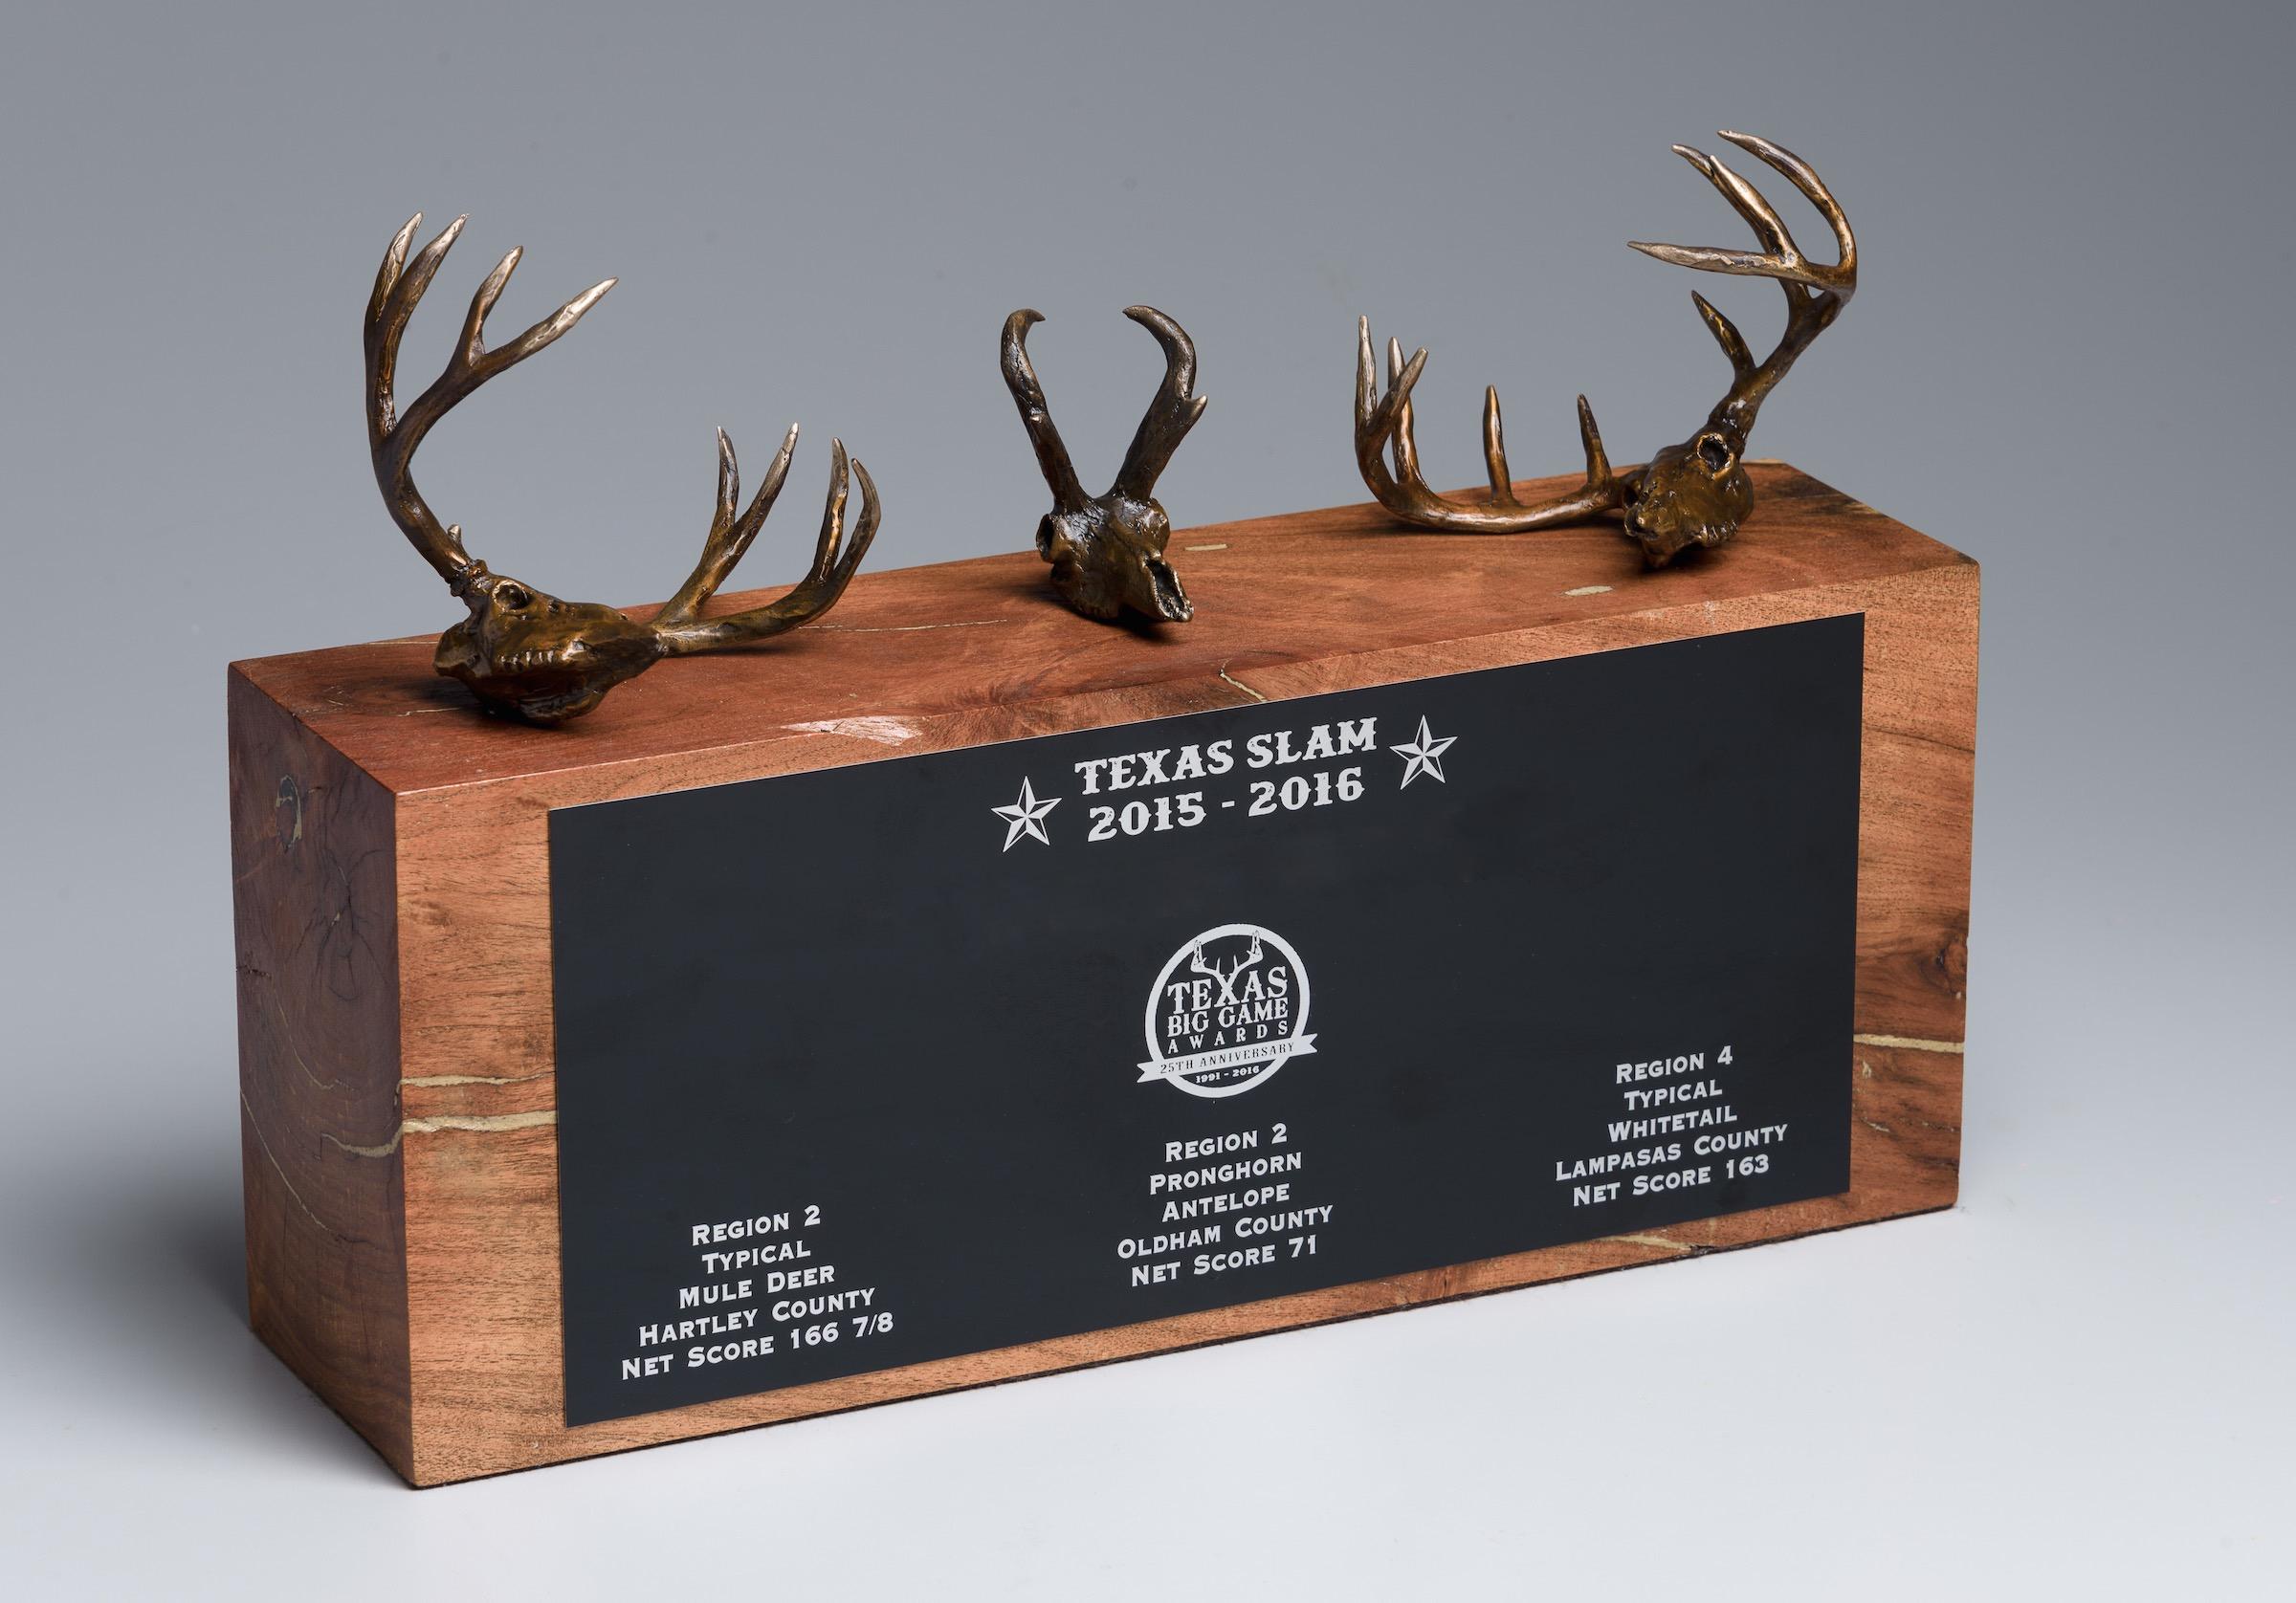 TWA Slam Award